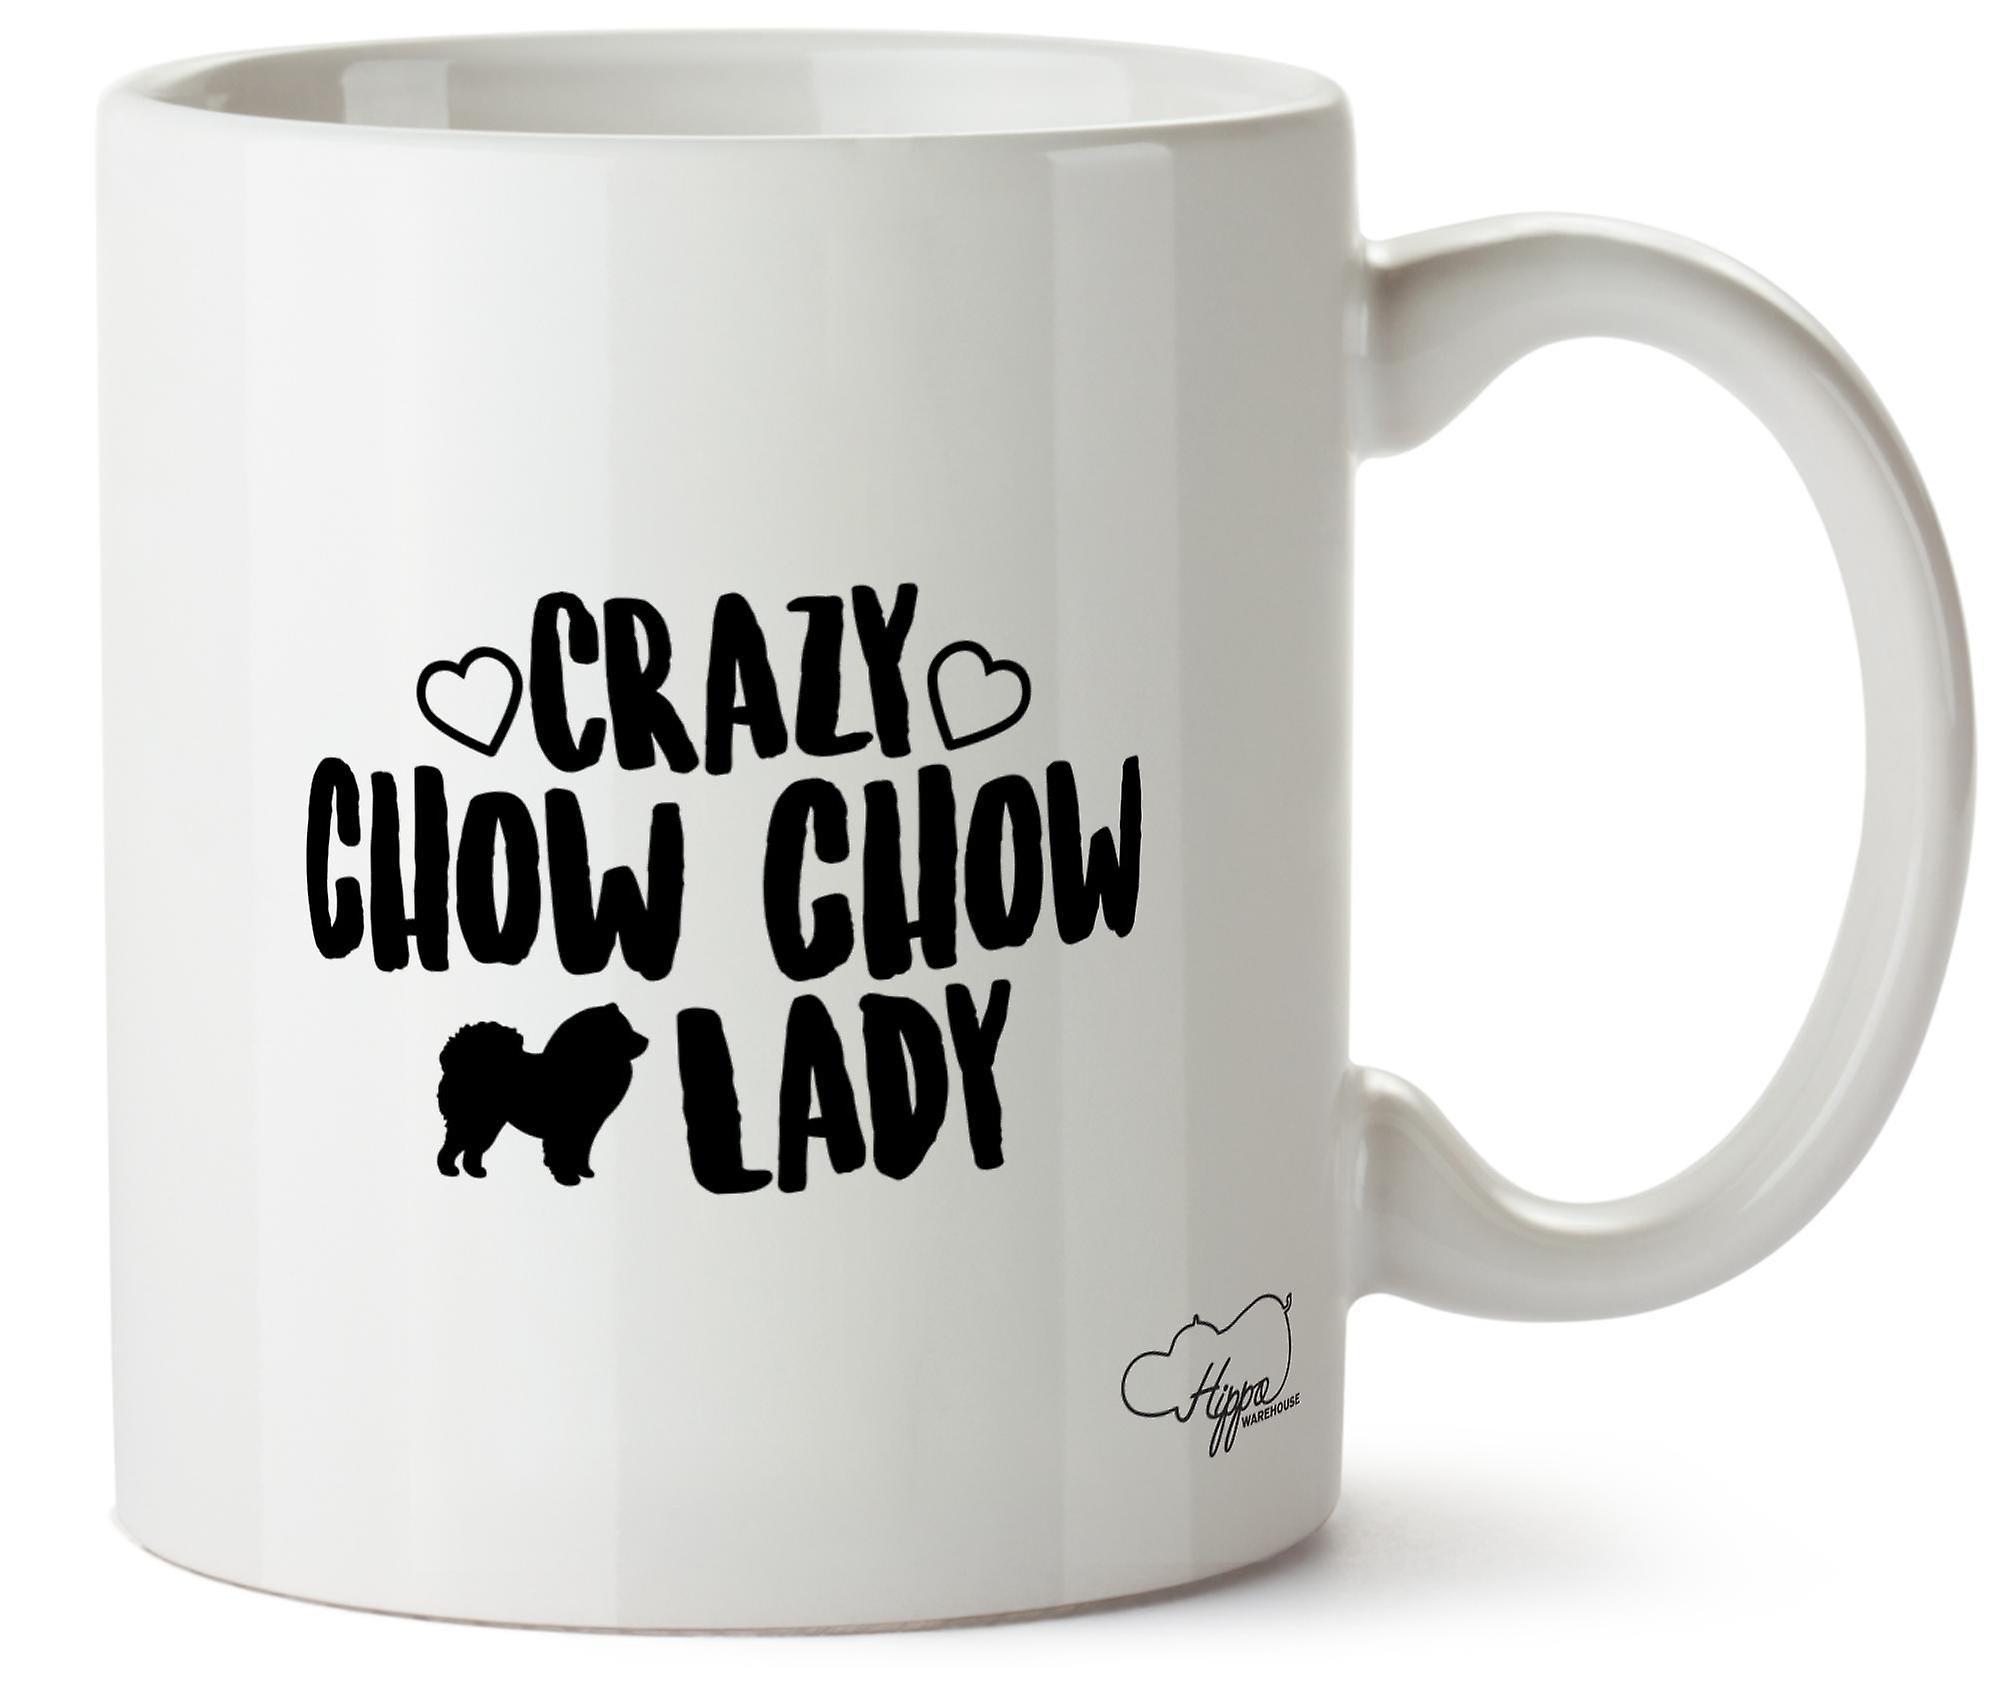 Чау-чау Hippowarehouse Crazy леди собака напечатаны Кубка керамическая кружка 10oz